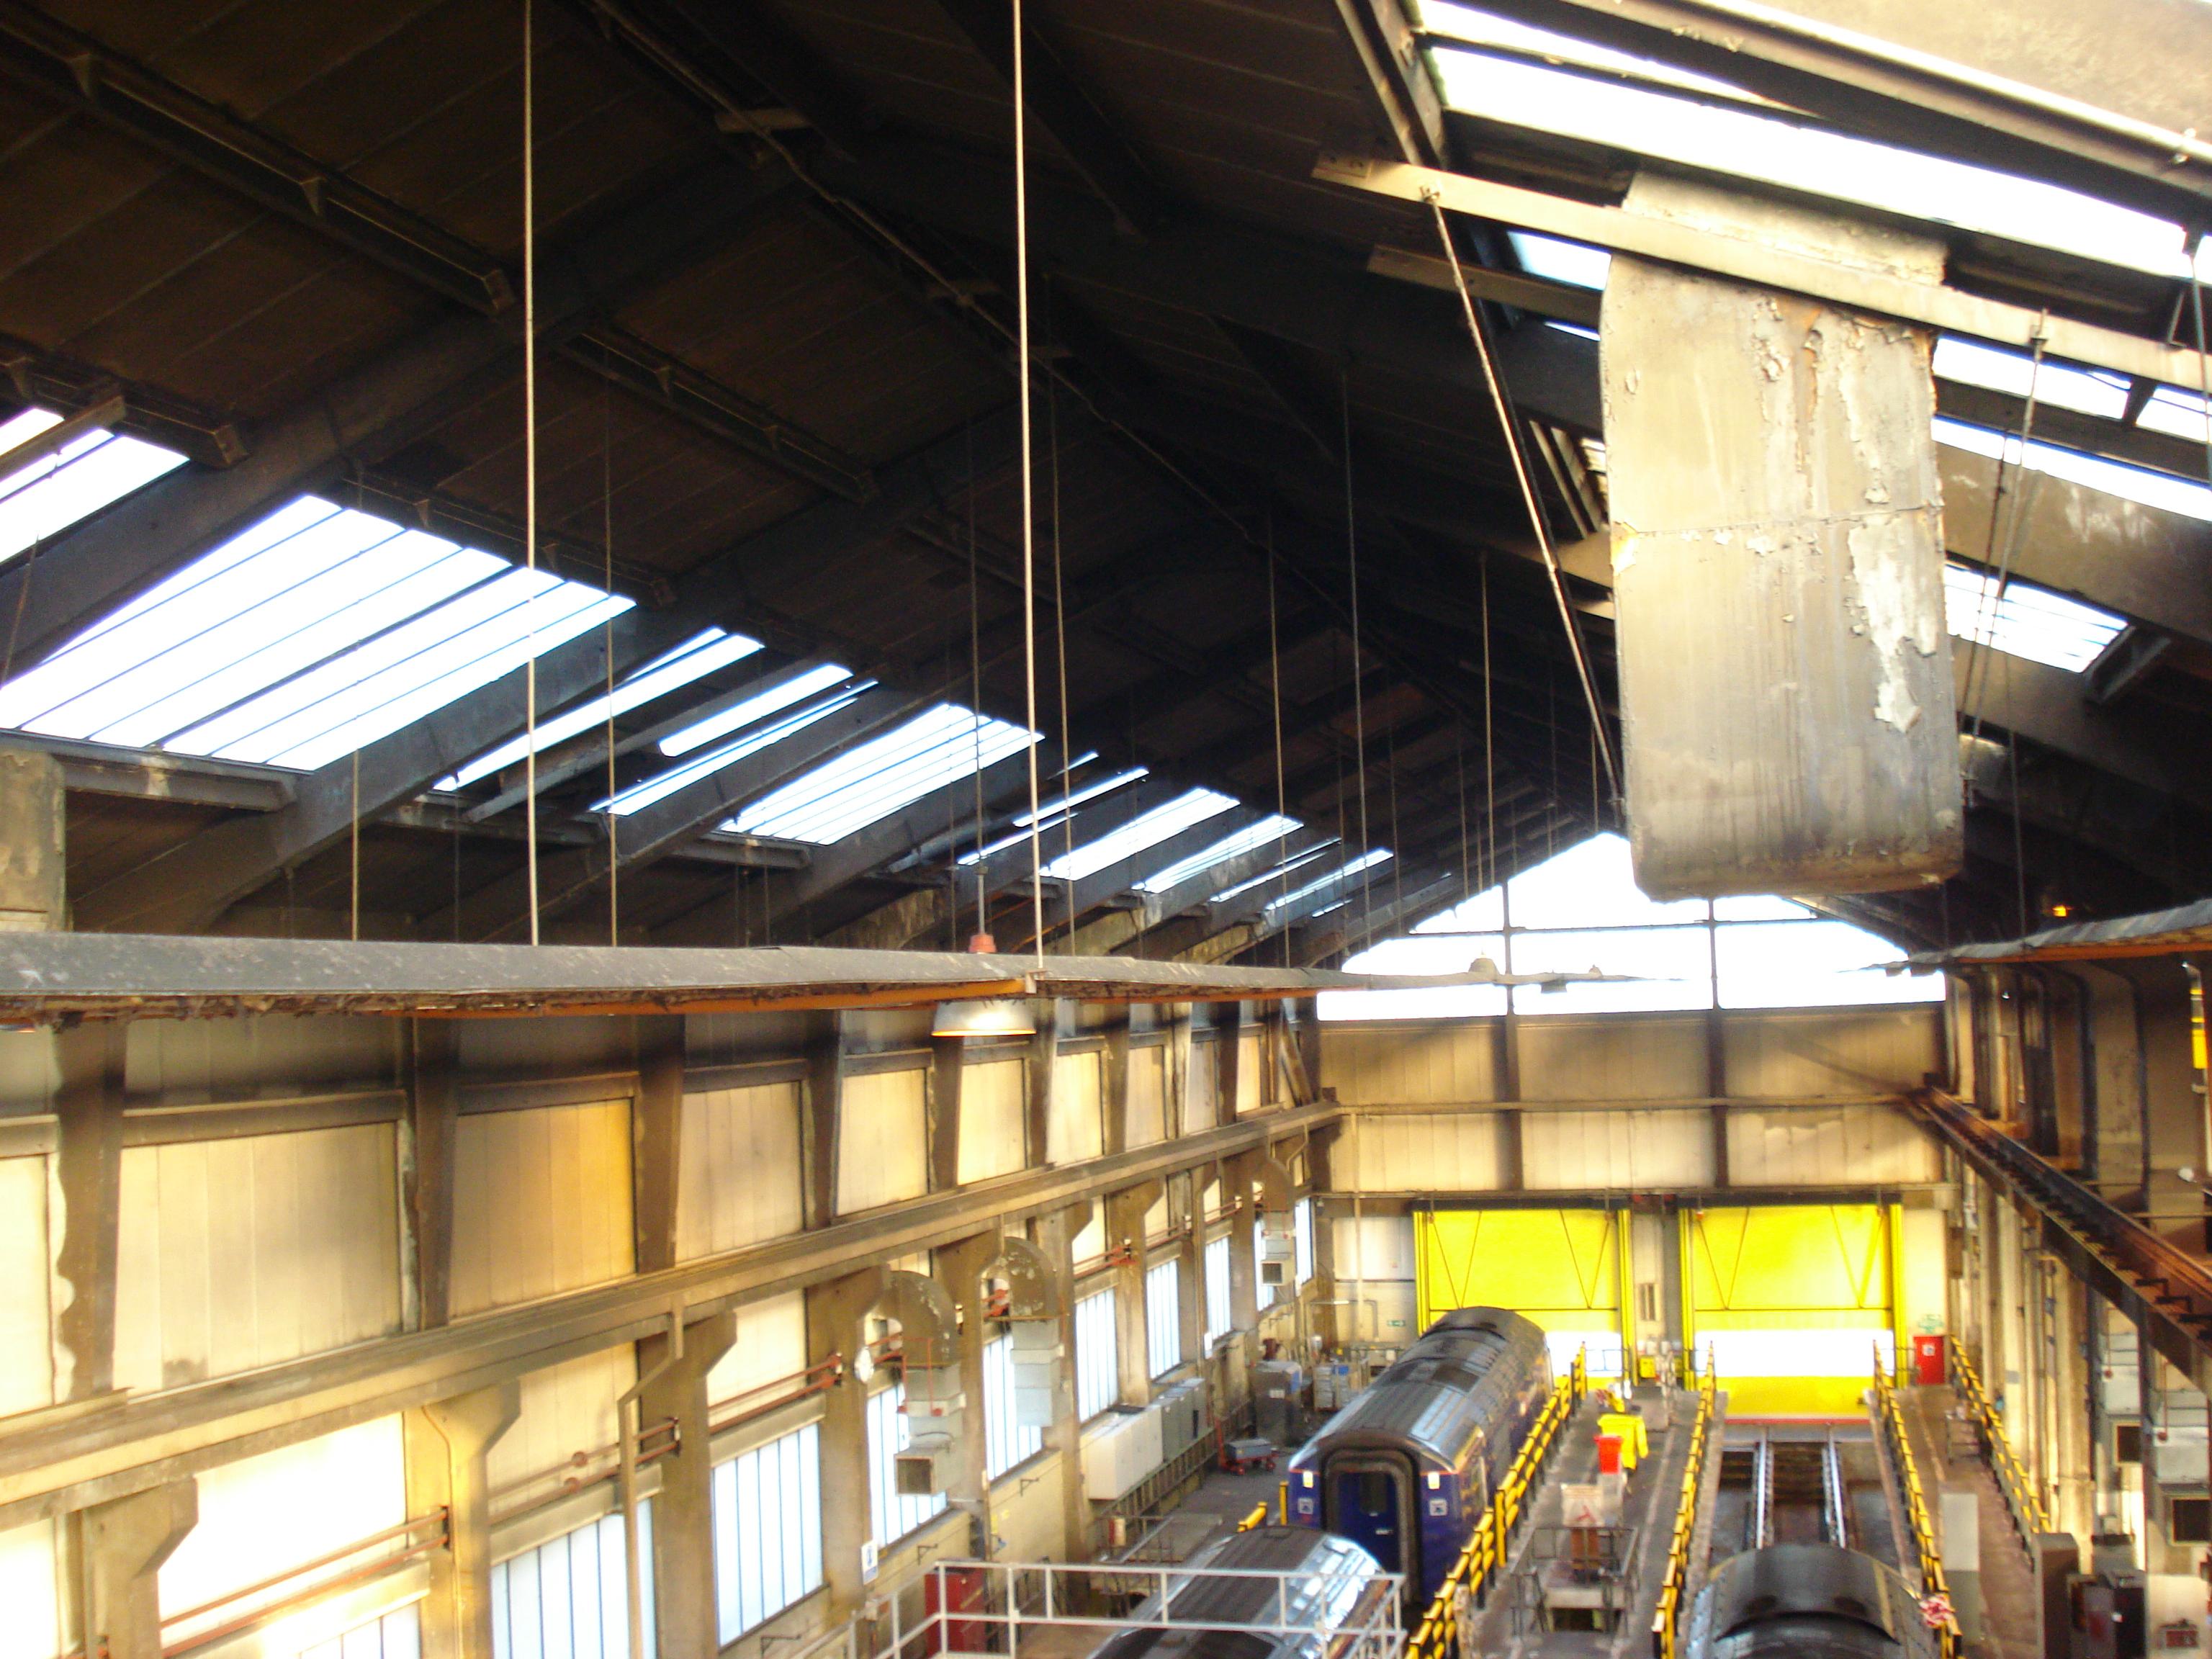 landore-depot,-swansea-image-2